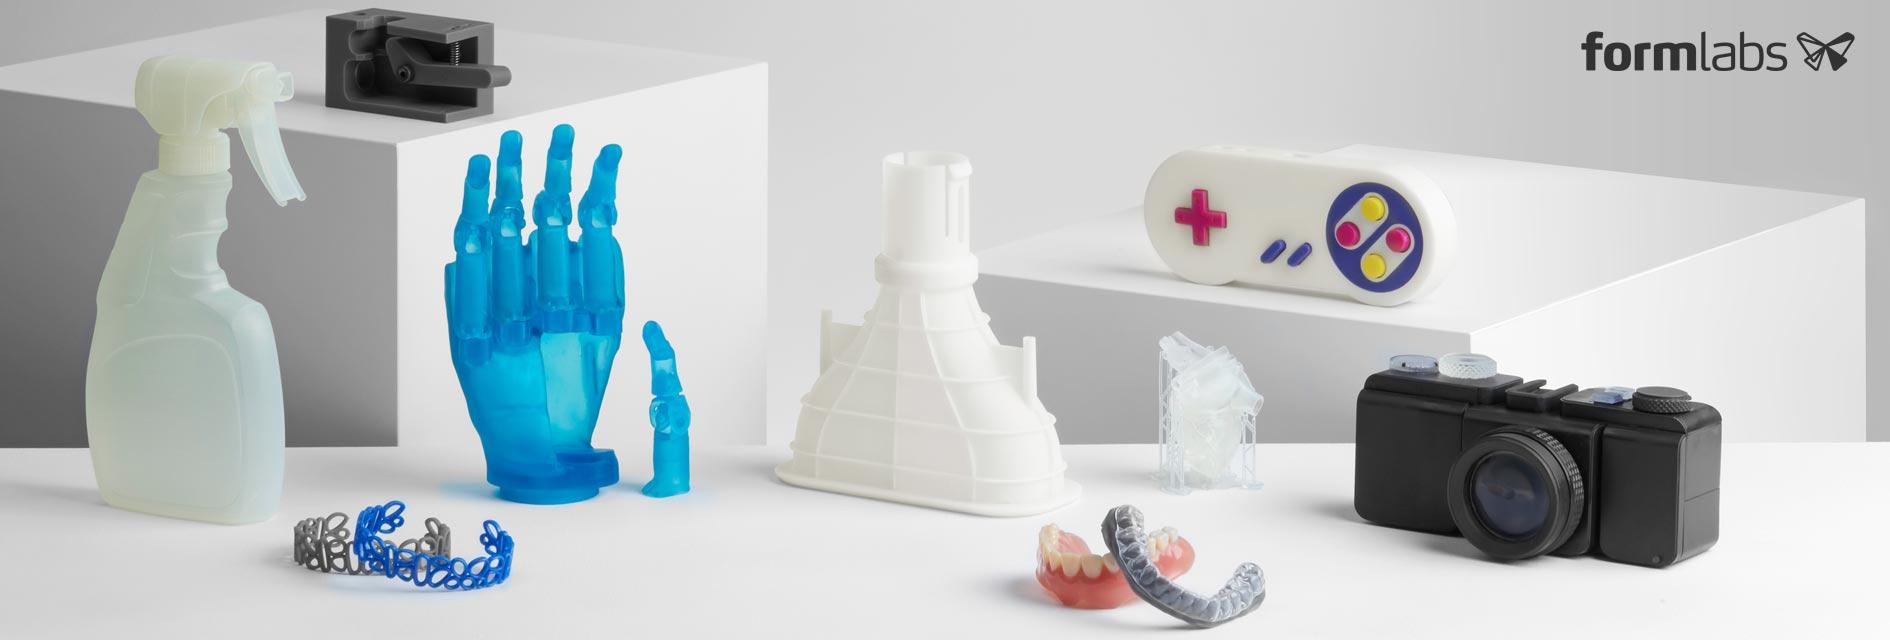 3D Drucker von Formlabs, MakerBot, XYZprinting und Sinterit. Schweizer Reseller, Support und Bildungs Webseite. 3D Drucker Lösungen für Schulen, Bildungsinstitutionen, Firmen und Private.